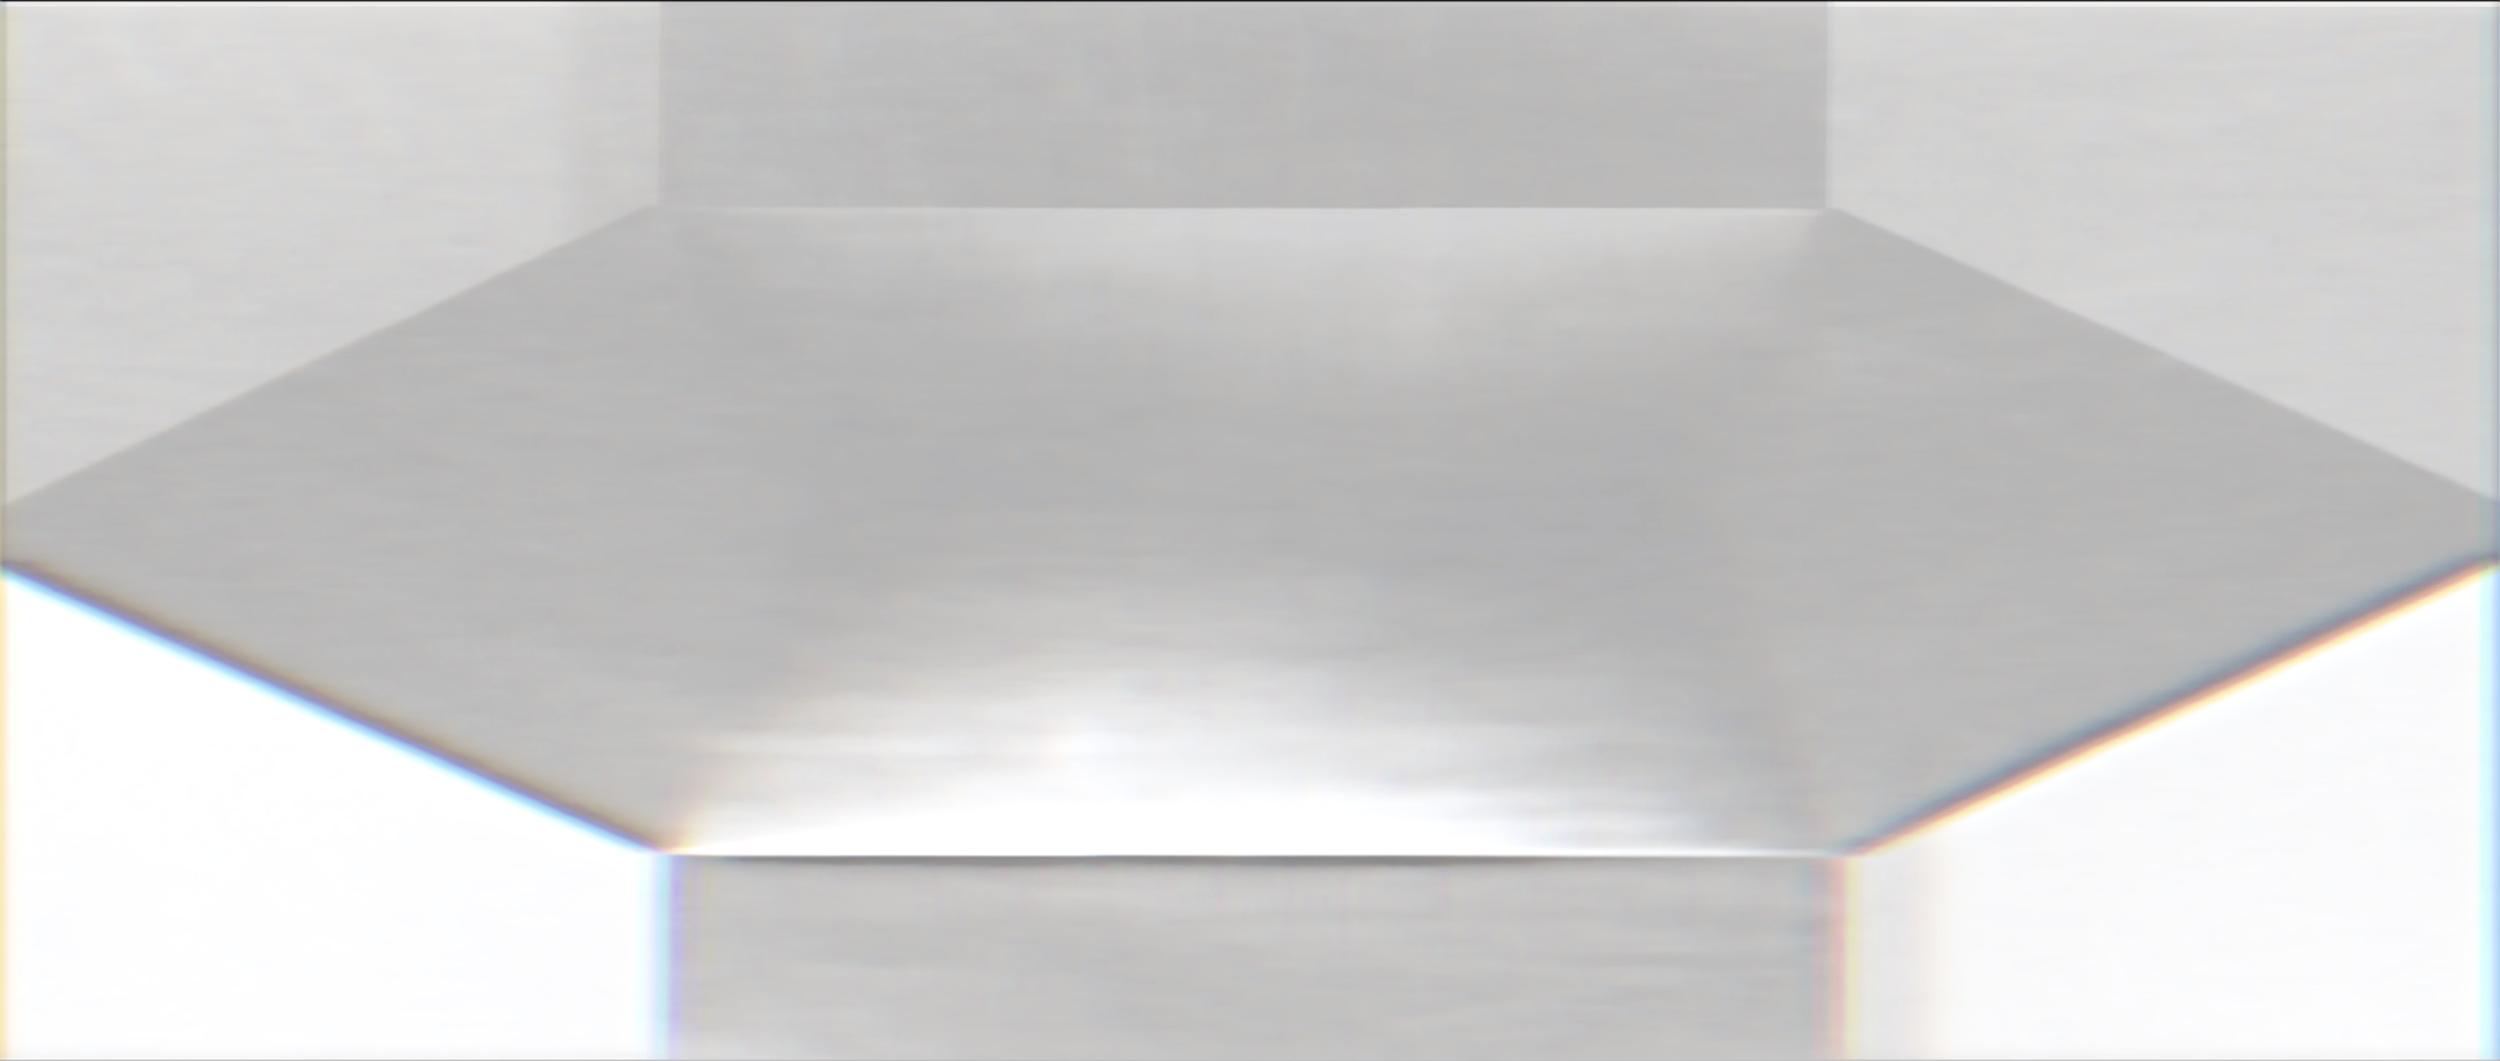 Screenshot 2018-08-07 at 15.42.17.png